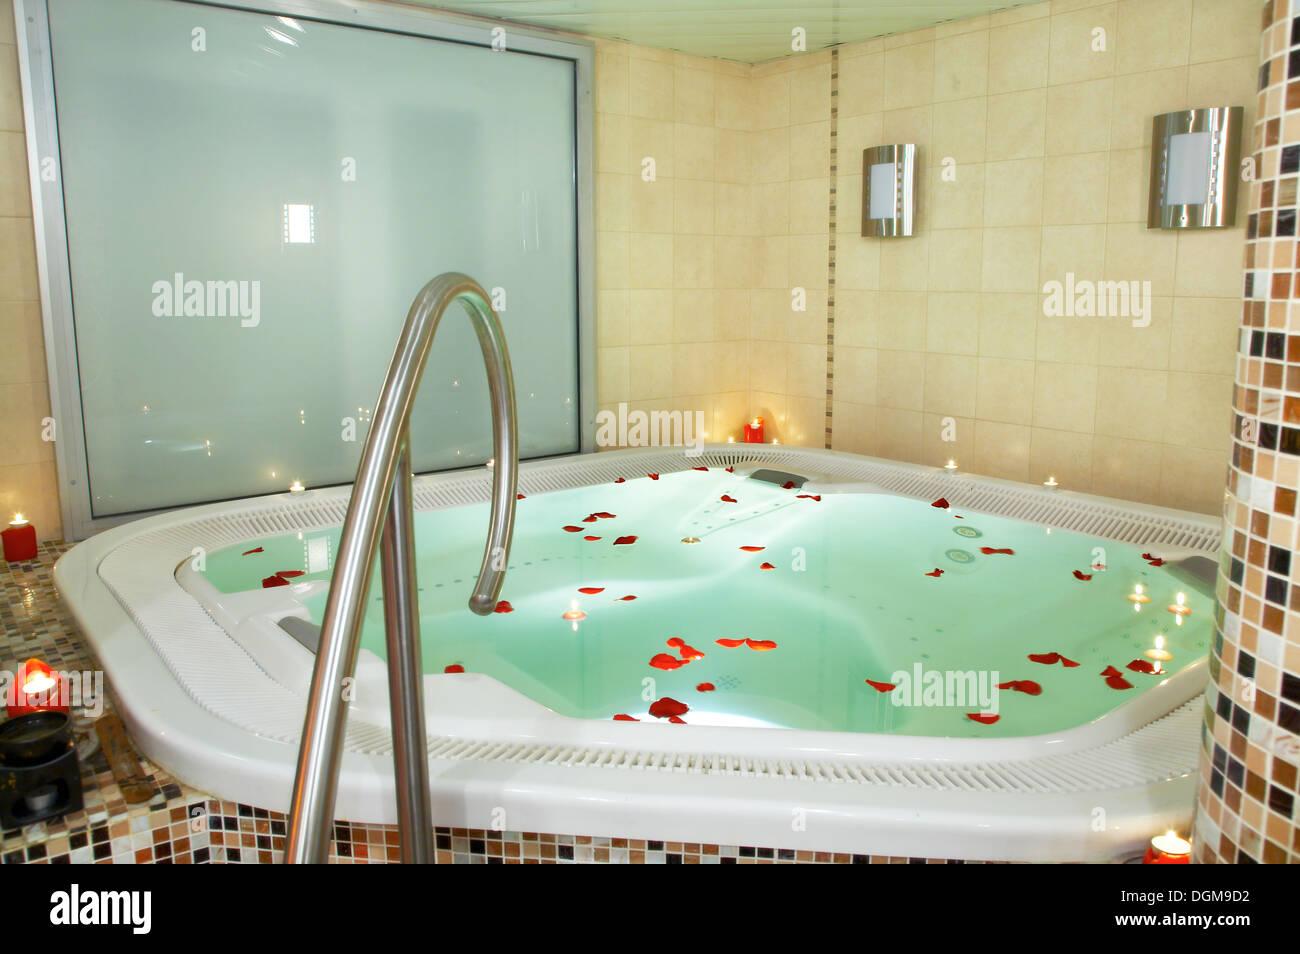 Vasca Da Bagno Jacuzzi : Vasca da bagno di jacuzzi con petali di rose foto immagine